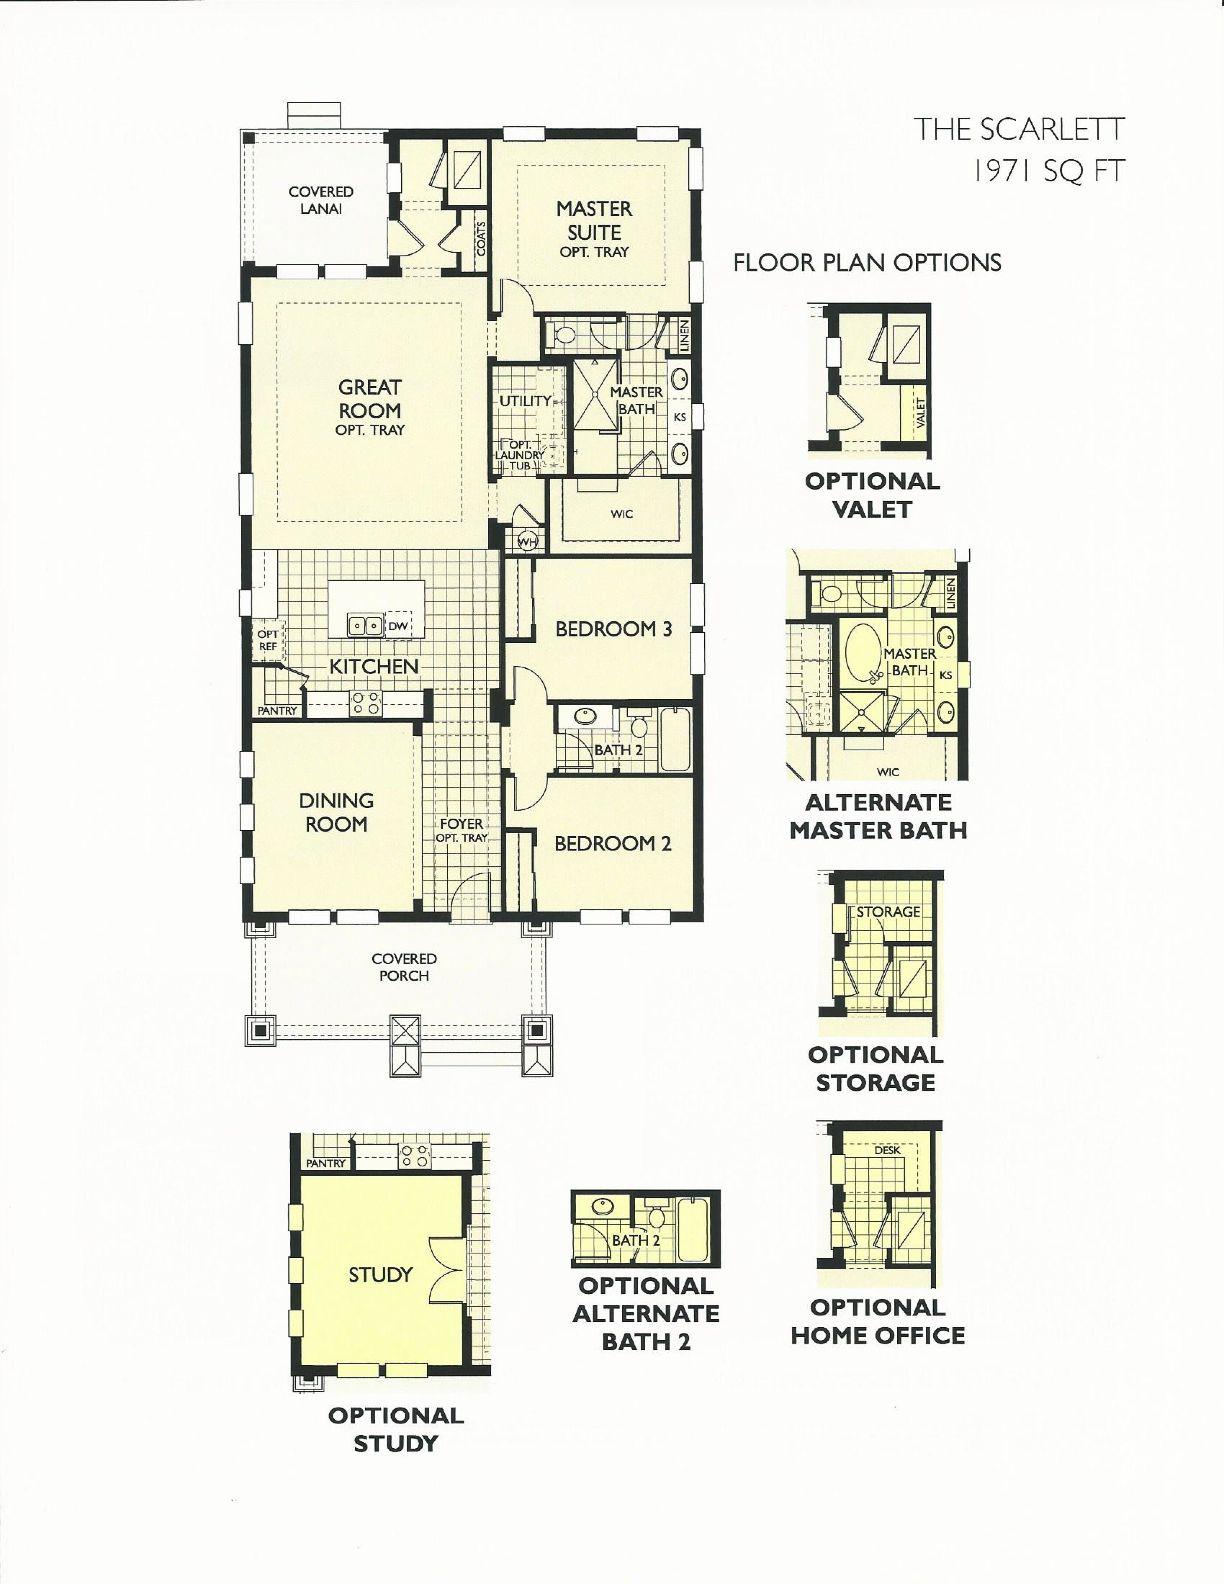 Oakland Park Scarlette Floor Plan In Winter Garden FL